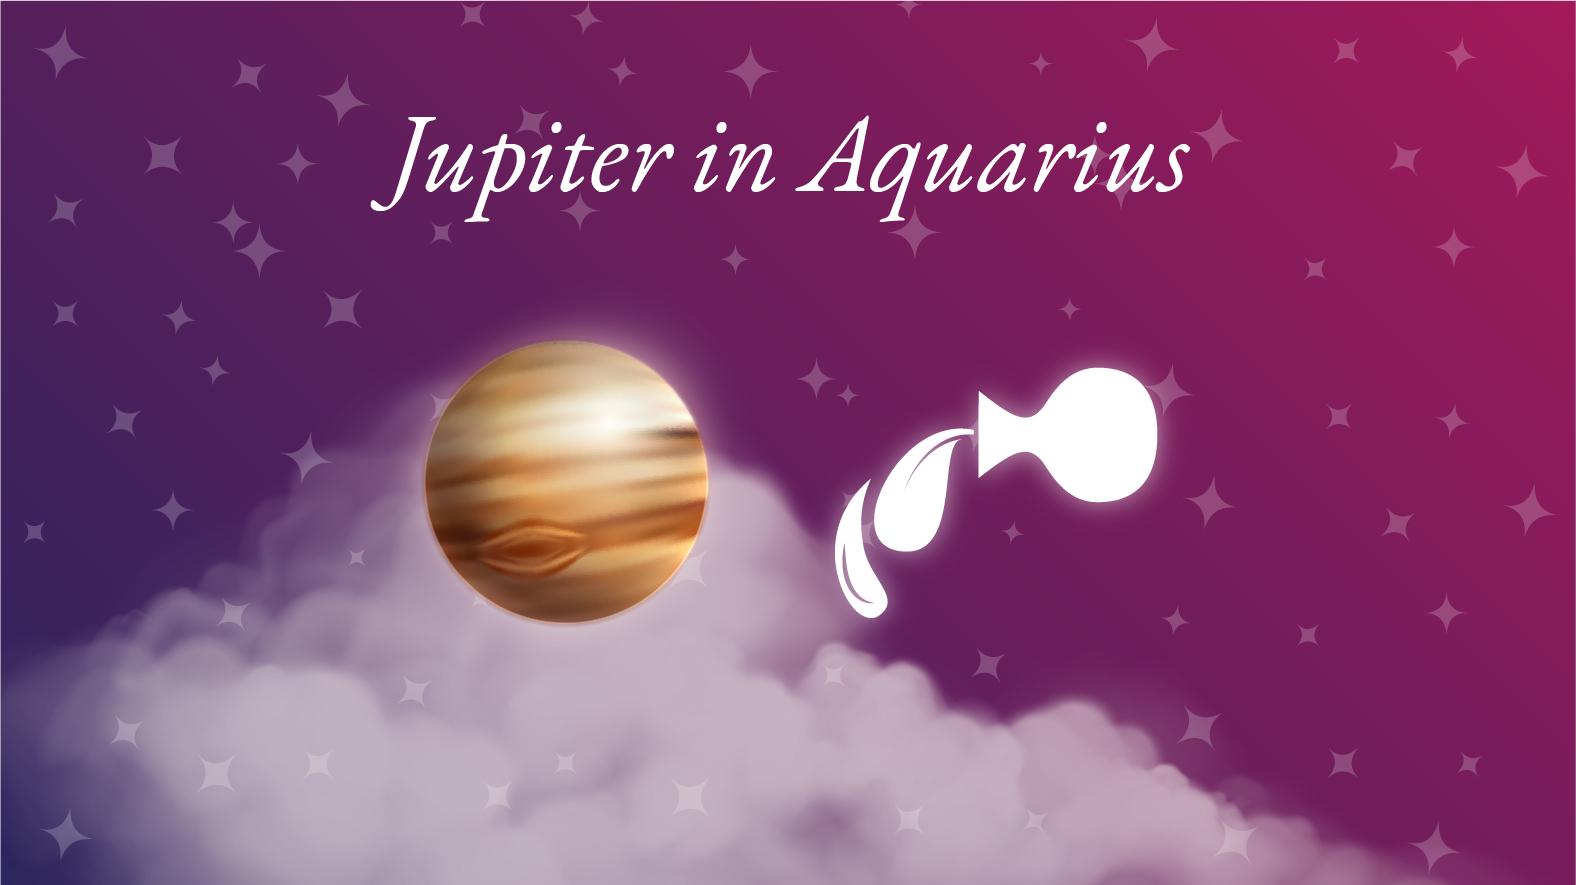 Jupiter in Aquarius Meaning